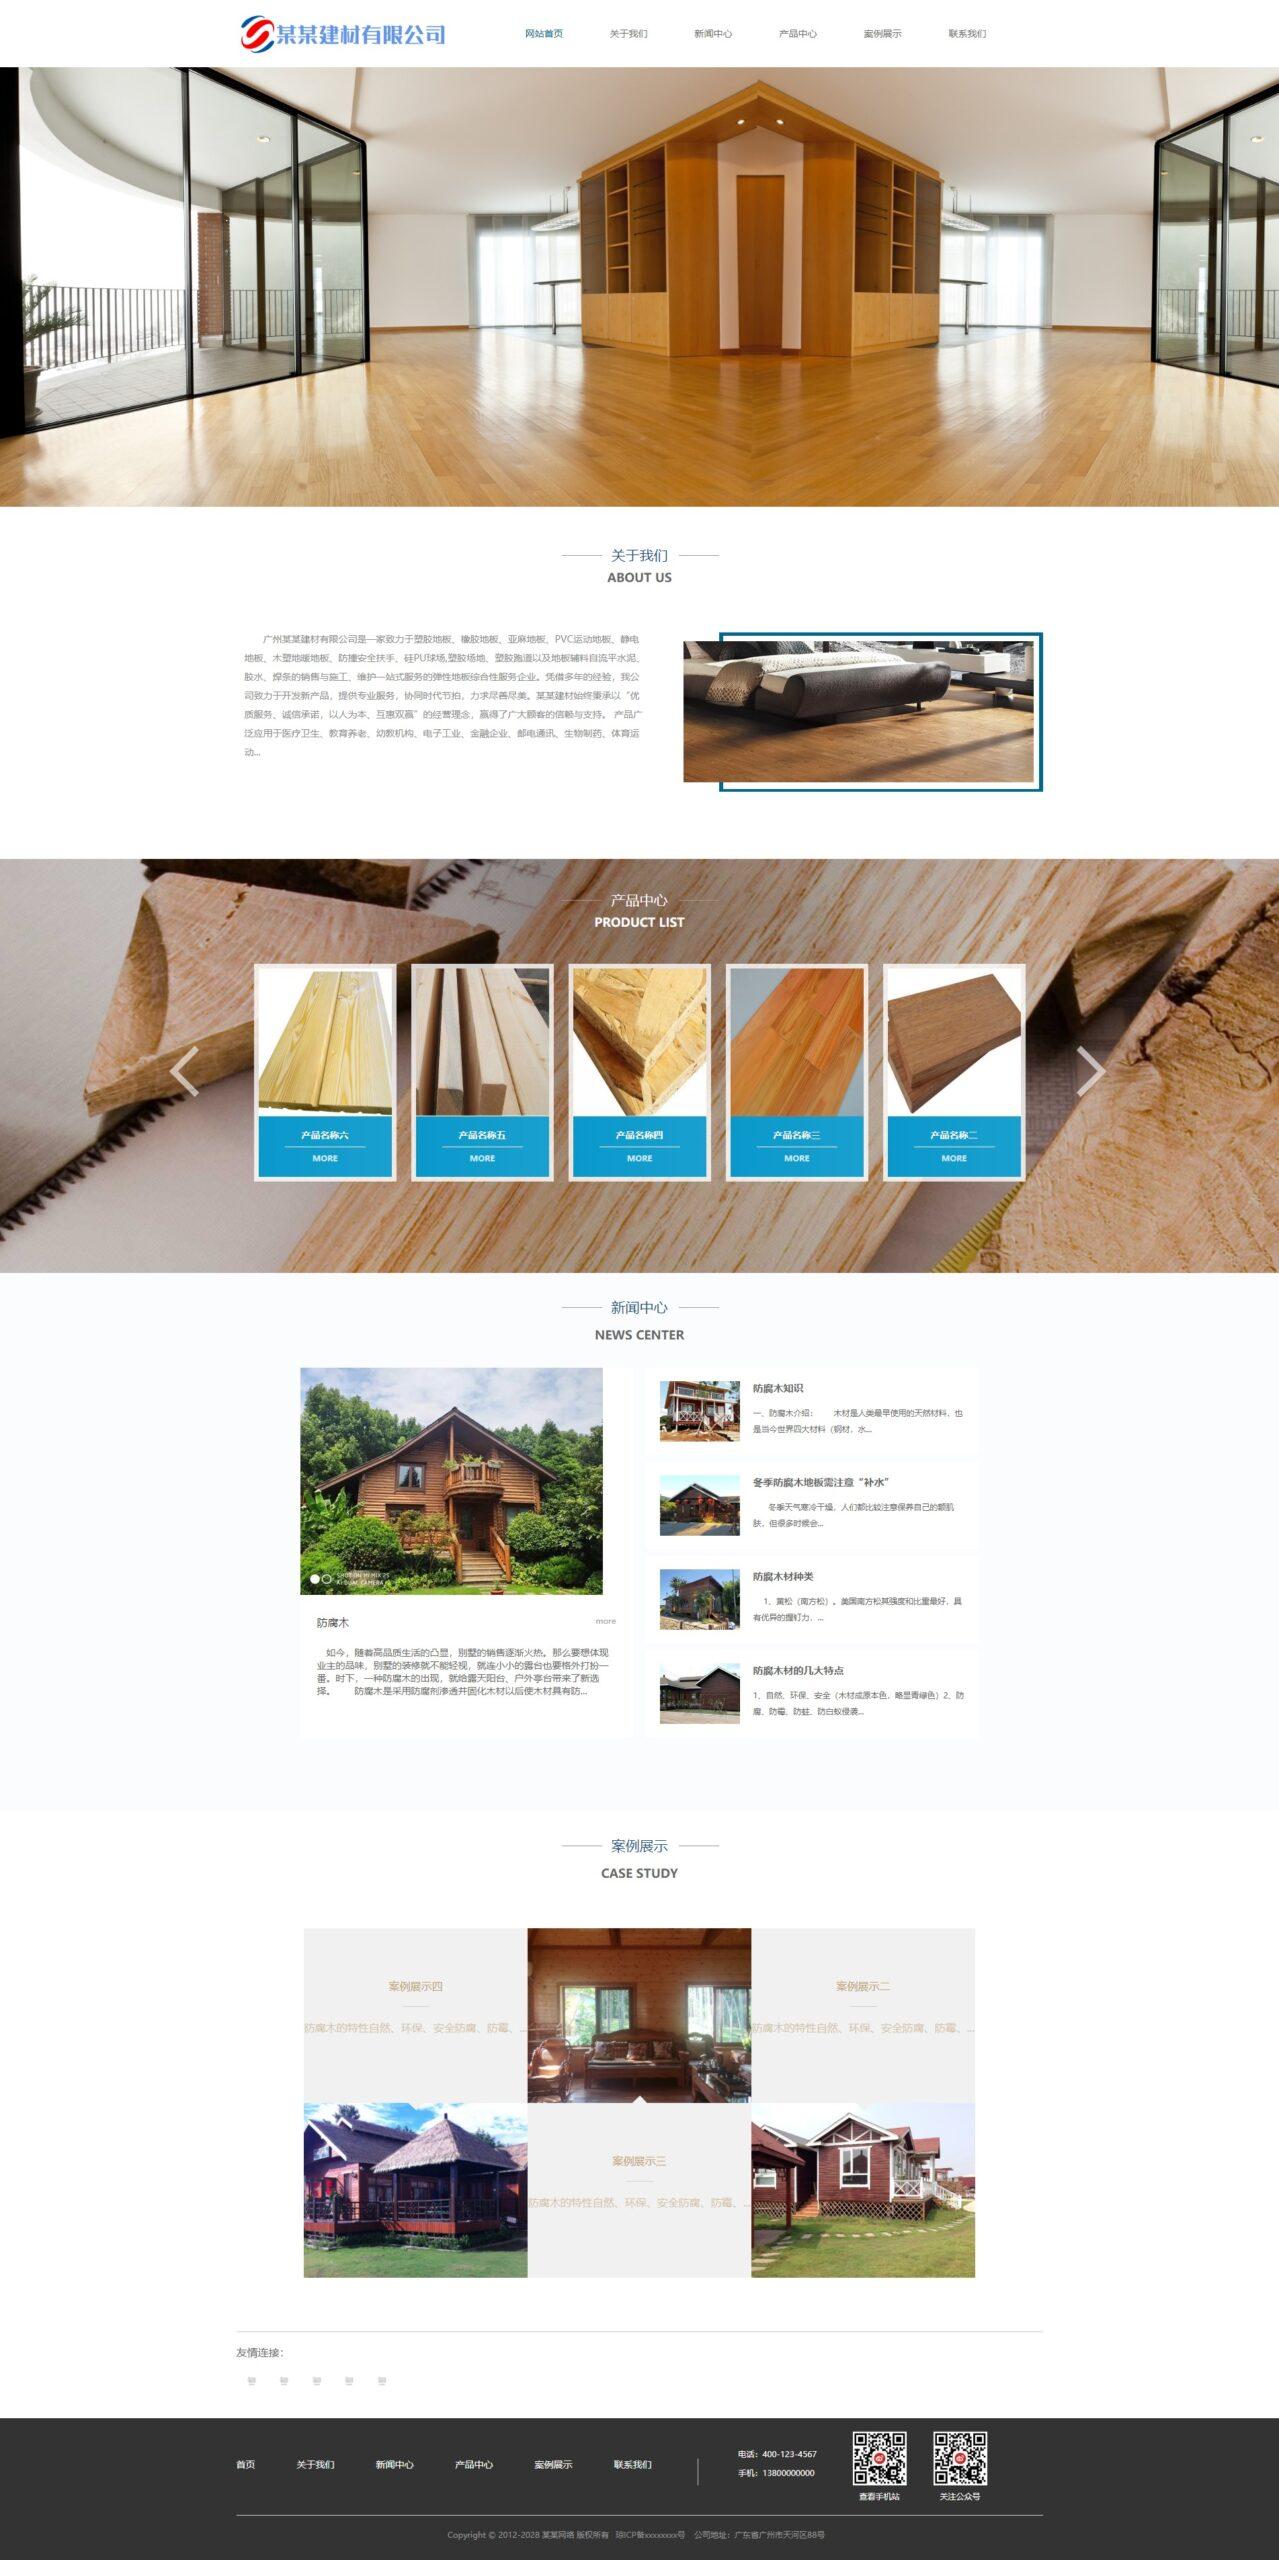 【易优cms企业模板】H5响应式网站木制建筑装饰材料建筑装饰公司网站源代码插图